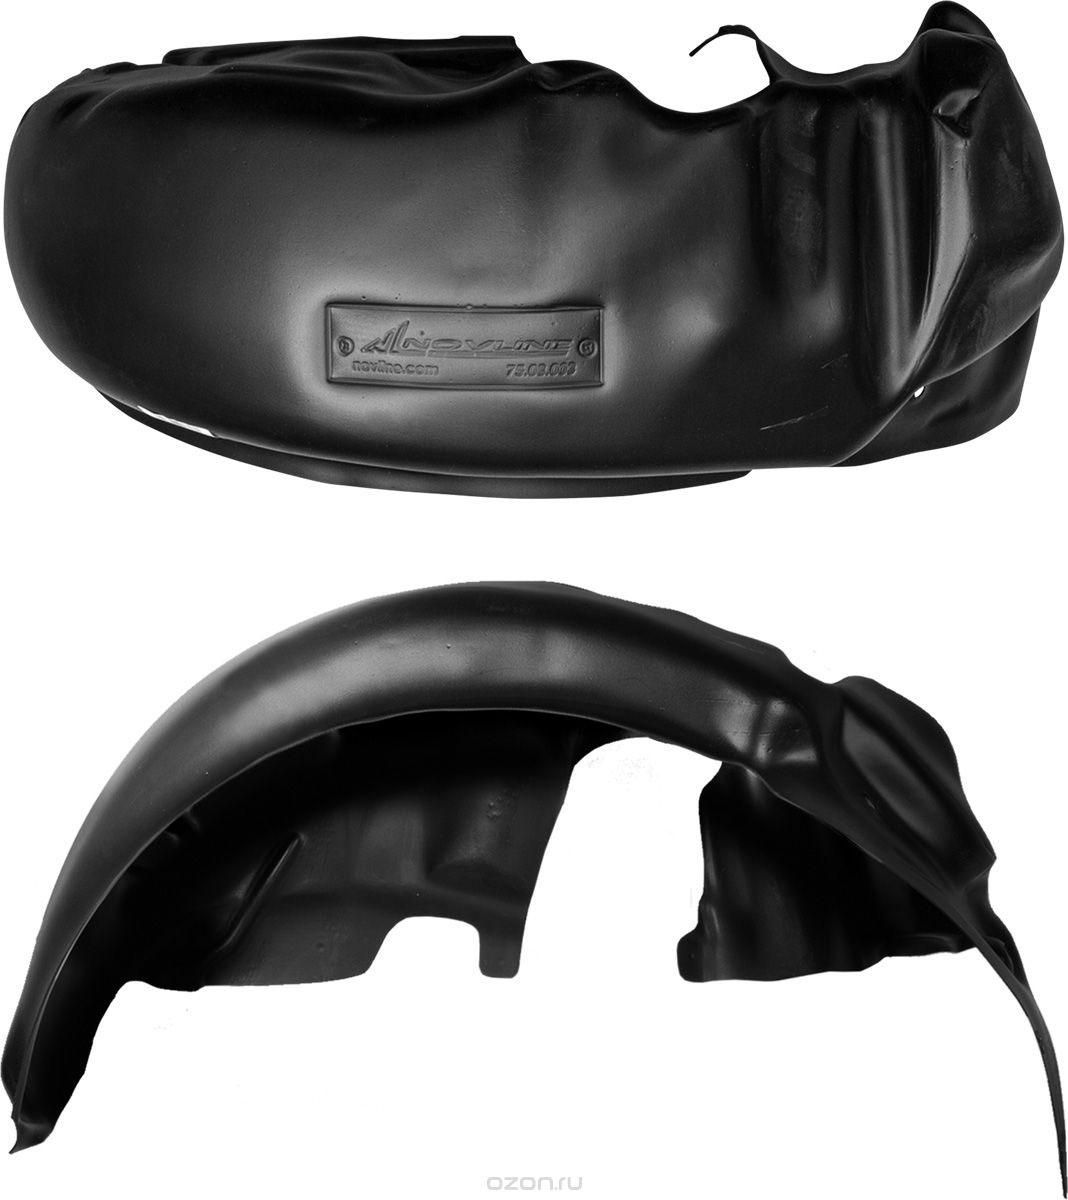 Подкрылок Novline-Autofamily, для MITSUBISHI L200, 2014-2015 с расширителями арок, задний правый42803004Идеальная защита колесной ниши. Локеры разработаны с применением цифровых технологий, гарантируют максимальную повторяемость поверхности арки. Изделия устанавливаются без нарушения лакокрасочного покрытия автомобиля, каждый подкрылок комплектуется крепежом. Уважаемые клиенты, обращаем ваше внимание, что фотографии на подкрылки универсальные и не отражают реальную форму изделия. При этом само изделие идет точно под размер указанного автомобиля.